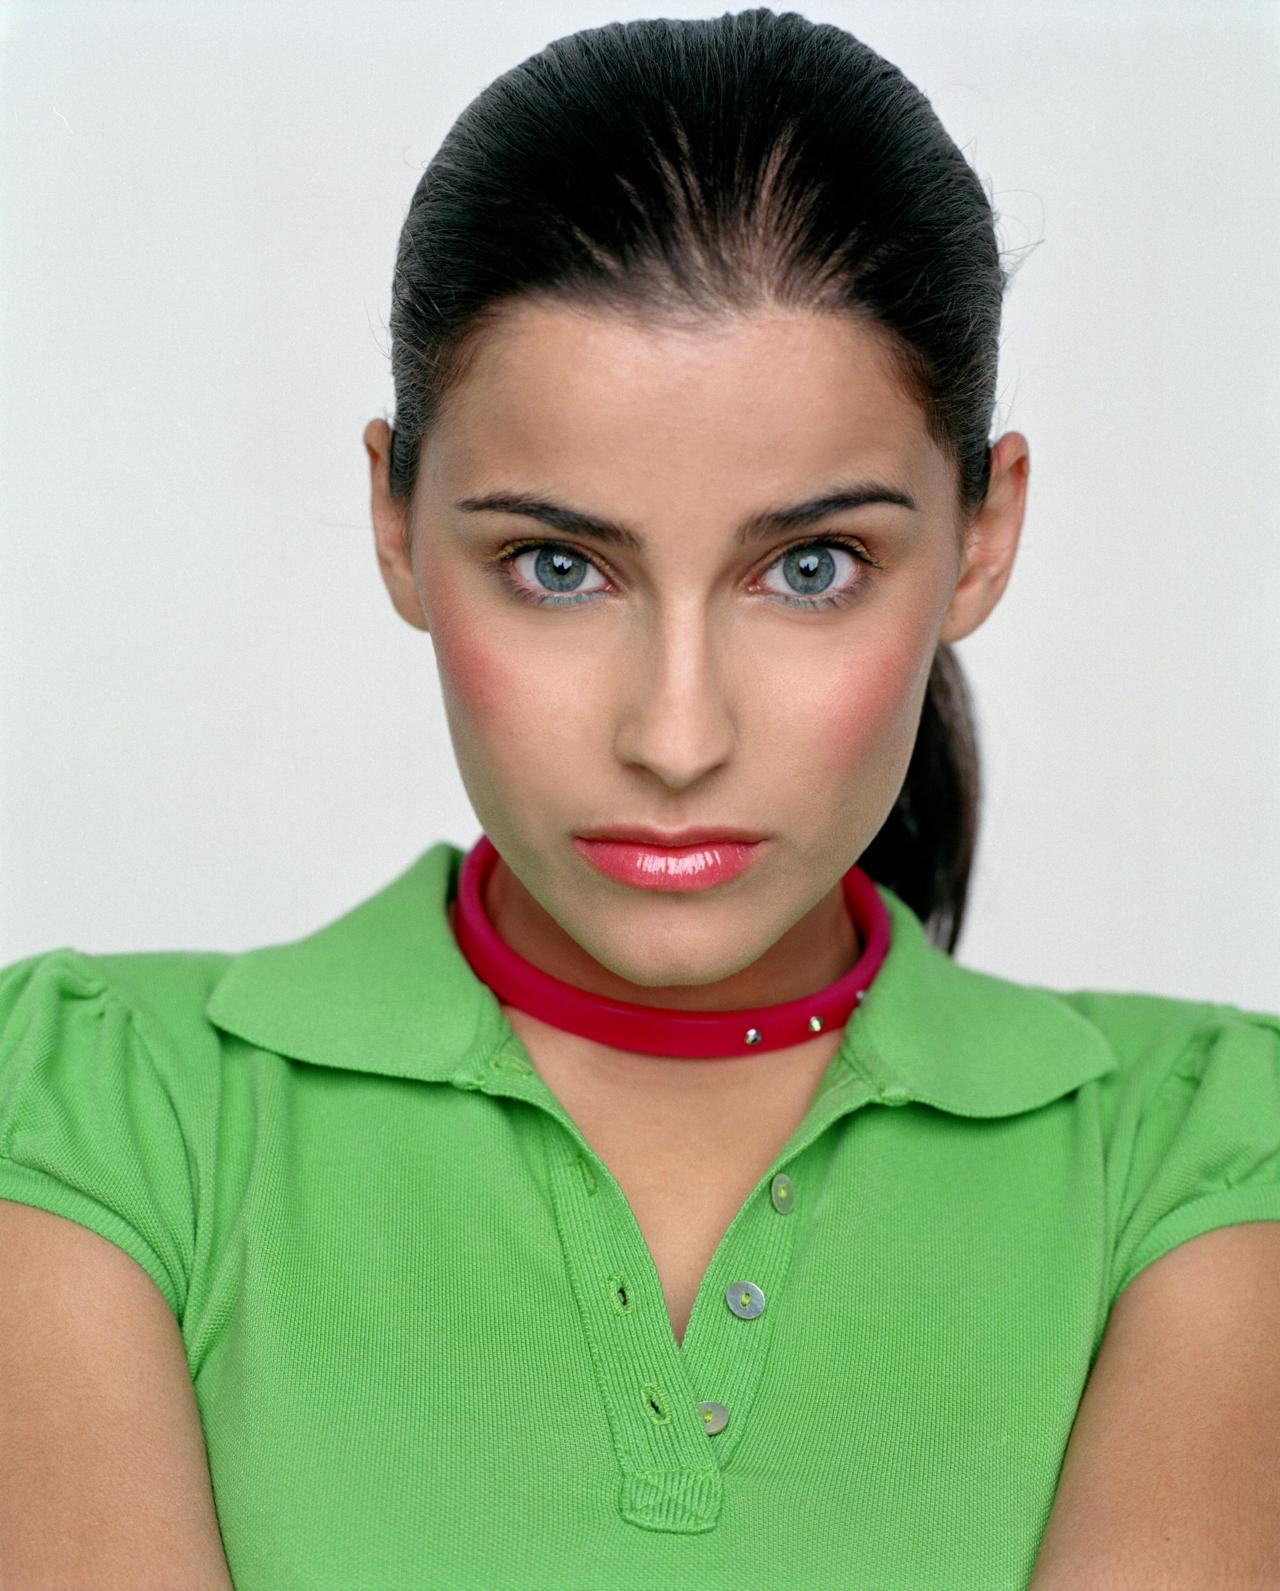 Нелли Фартадо - Nelly Furtado фото №559703